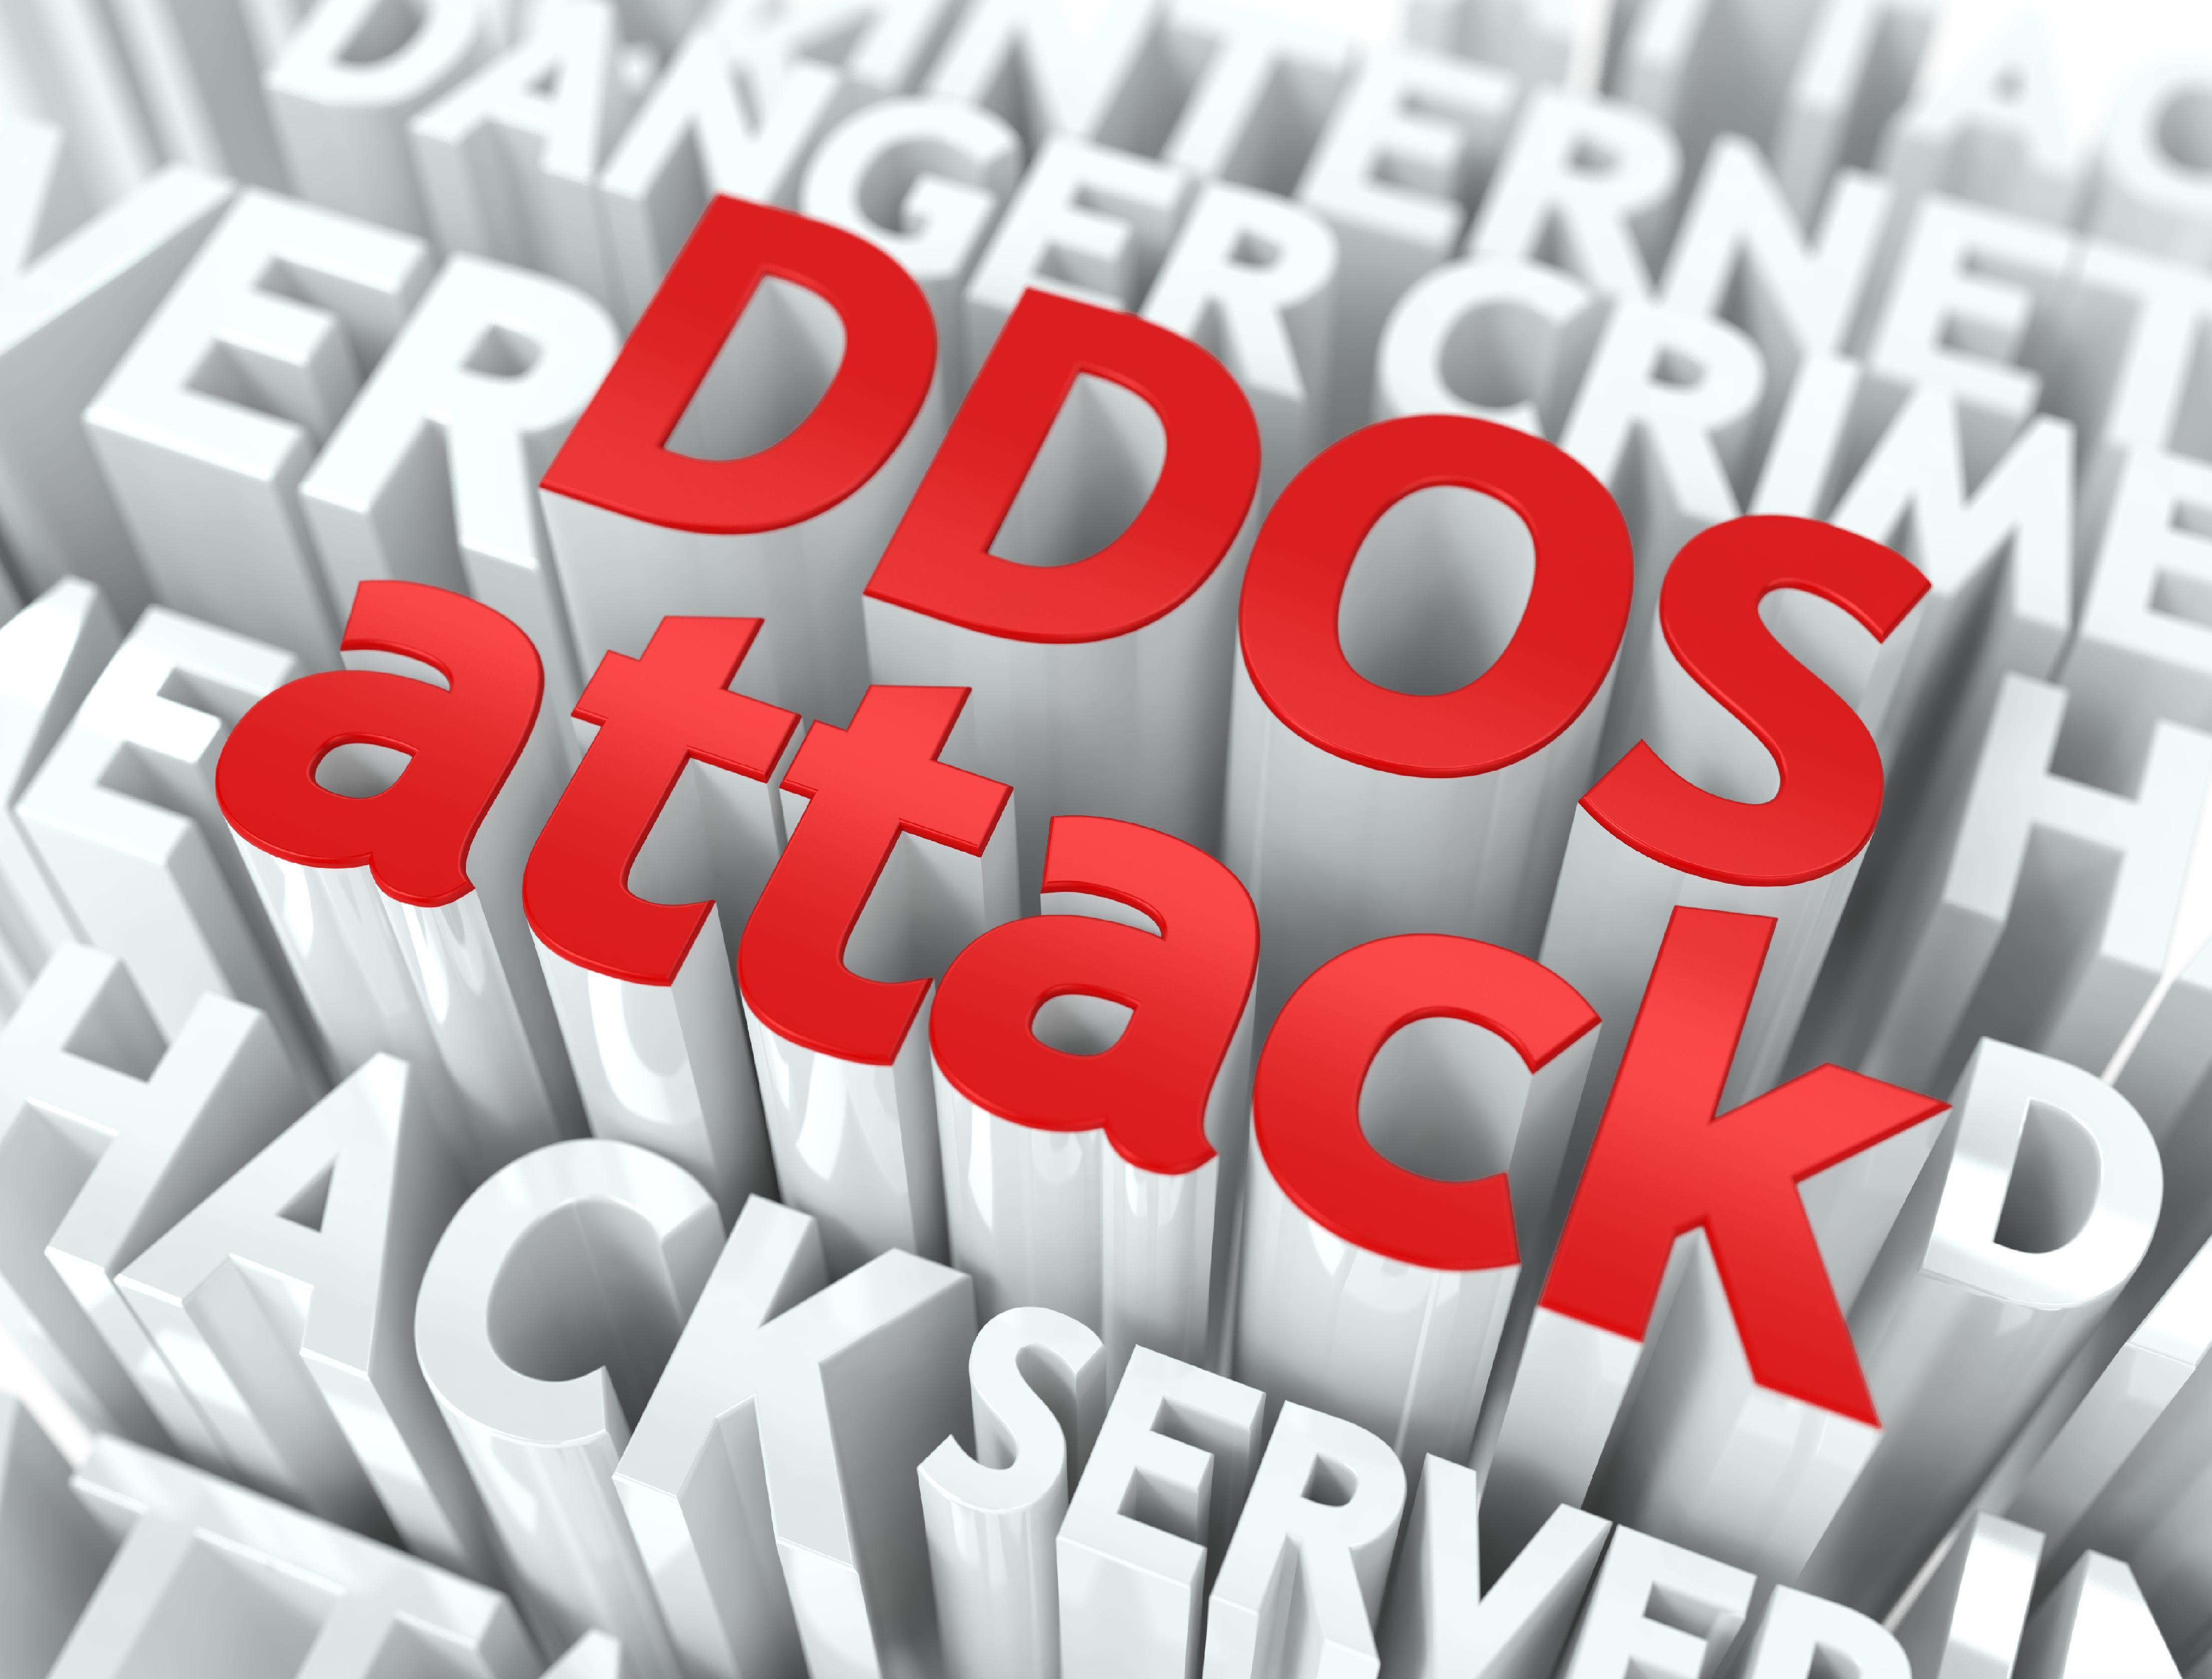 DDoS1 - Tấn công DDoS vượt ngưỡng 10 Gbps đang gia tăng